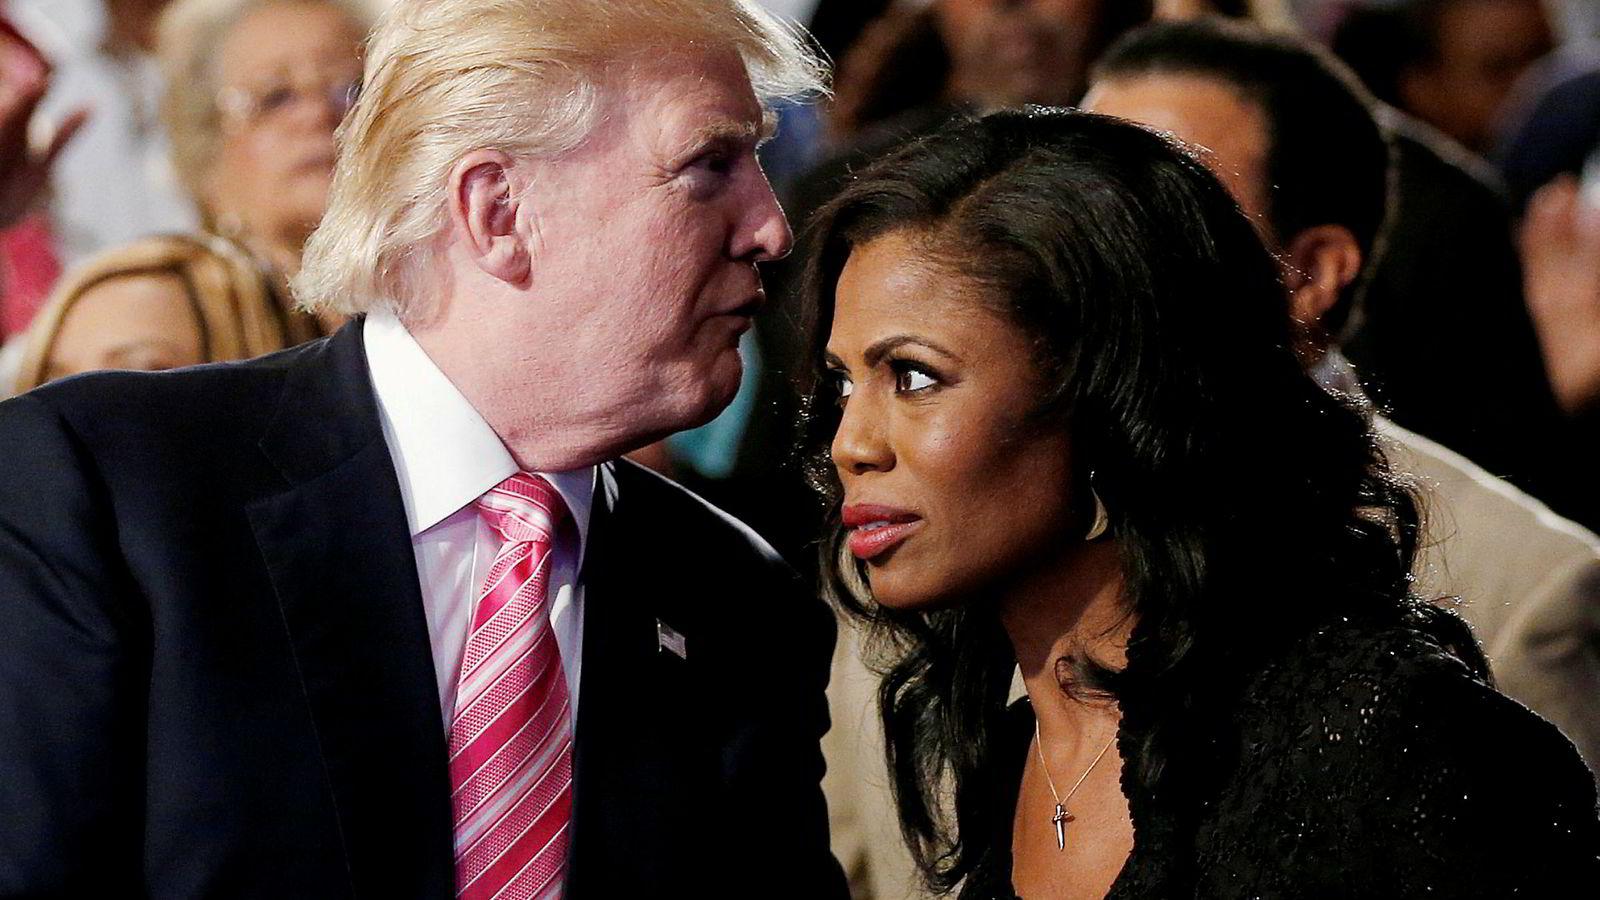 – Jeg beskyttet meg selv fordi dette er Det hvite hus hvor alle lyver, sier Omarosa Manigault-Newman, Donald Trumps tidligere politiske rådgiver. Tirsdag lanseres hennes nye bok der hun blant annet anklager president Trump for å ha rasistiske holdninger. Bildet er fra 2016.